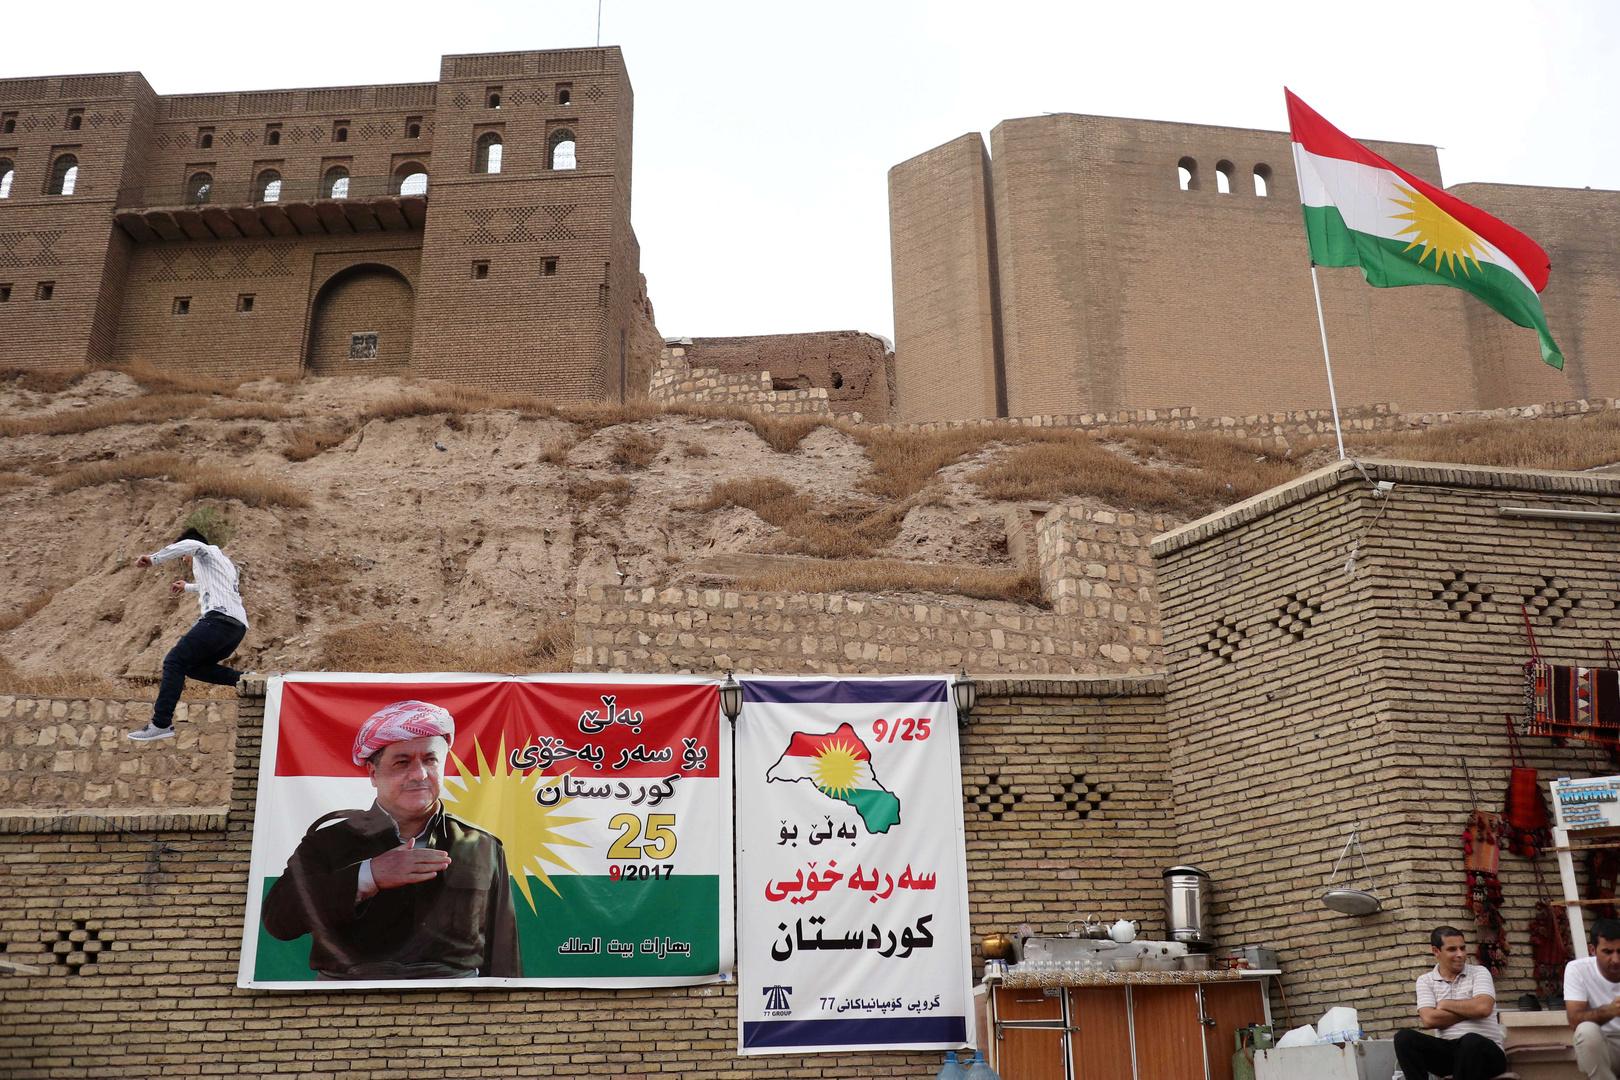 مدينة أربيل، كردستان العراق